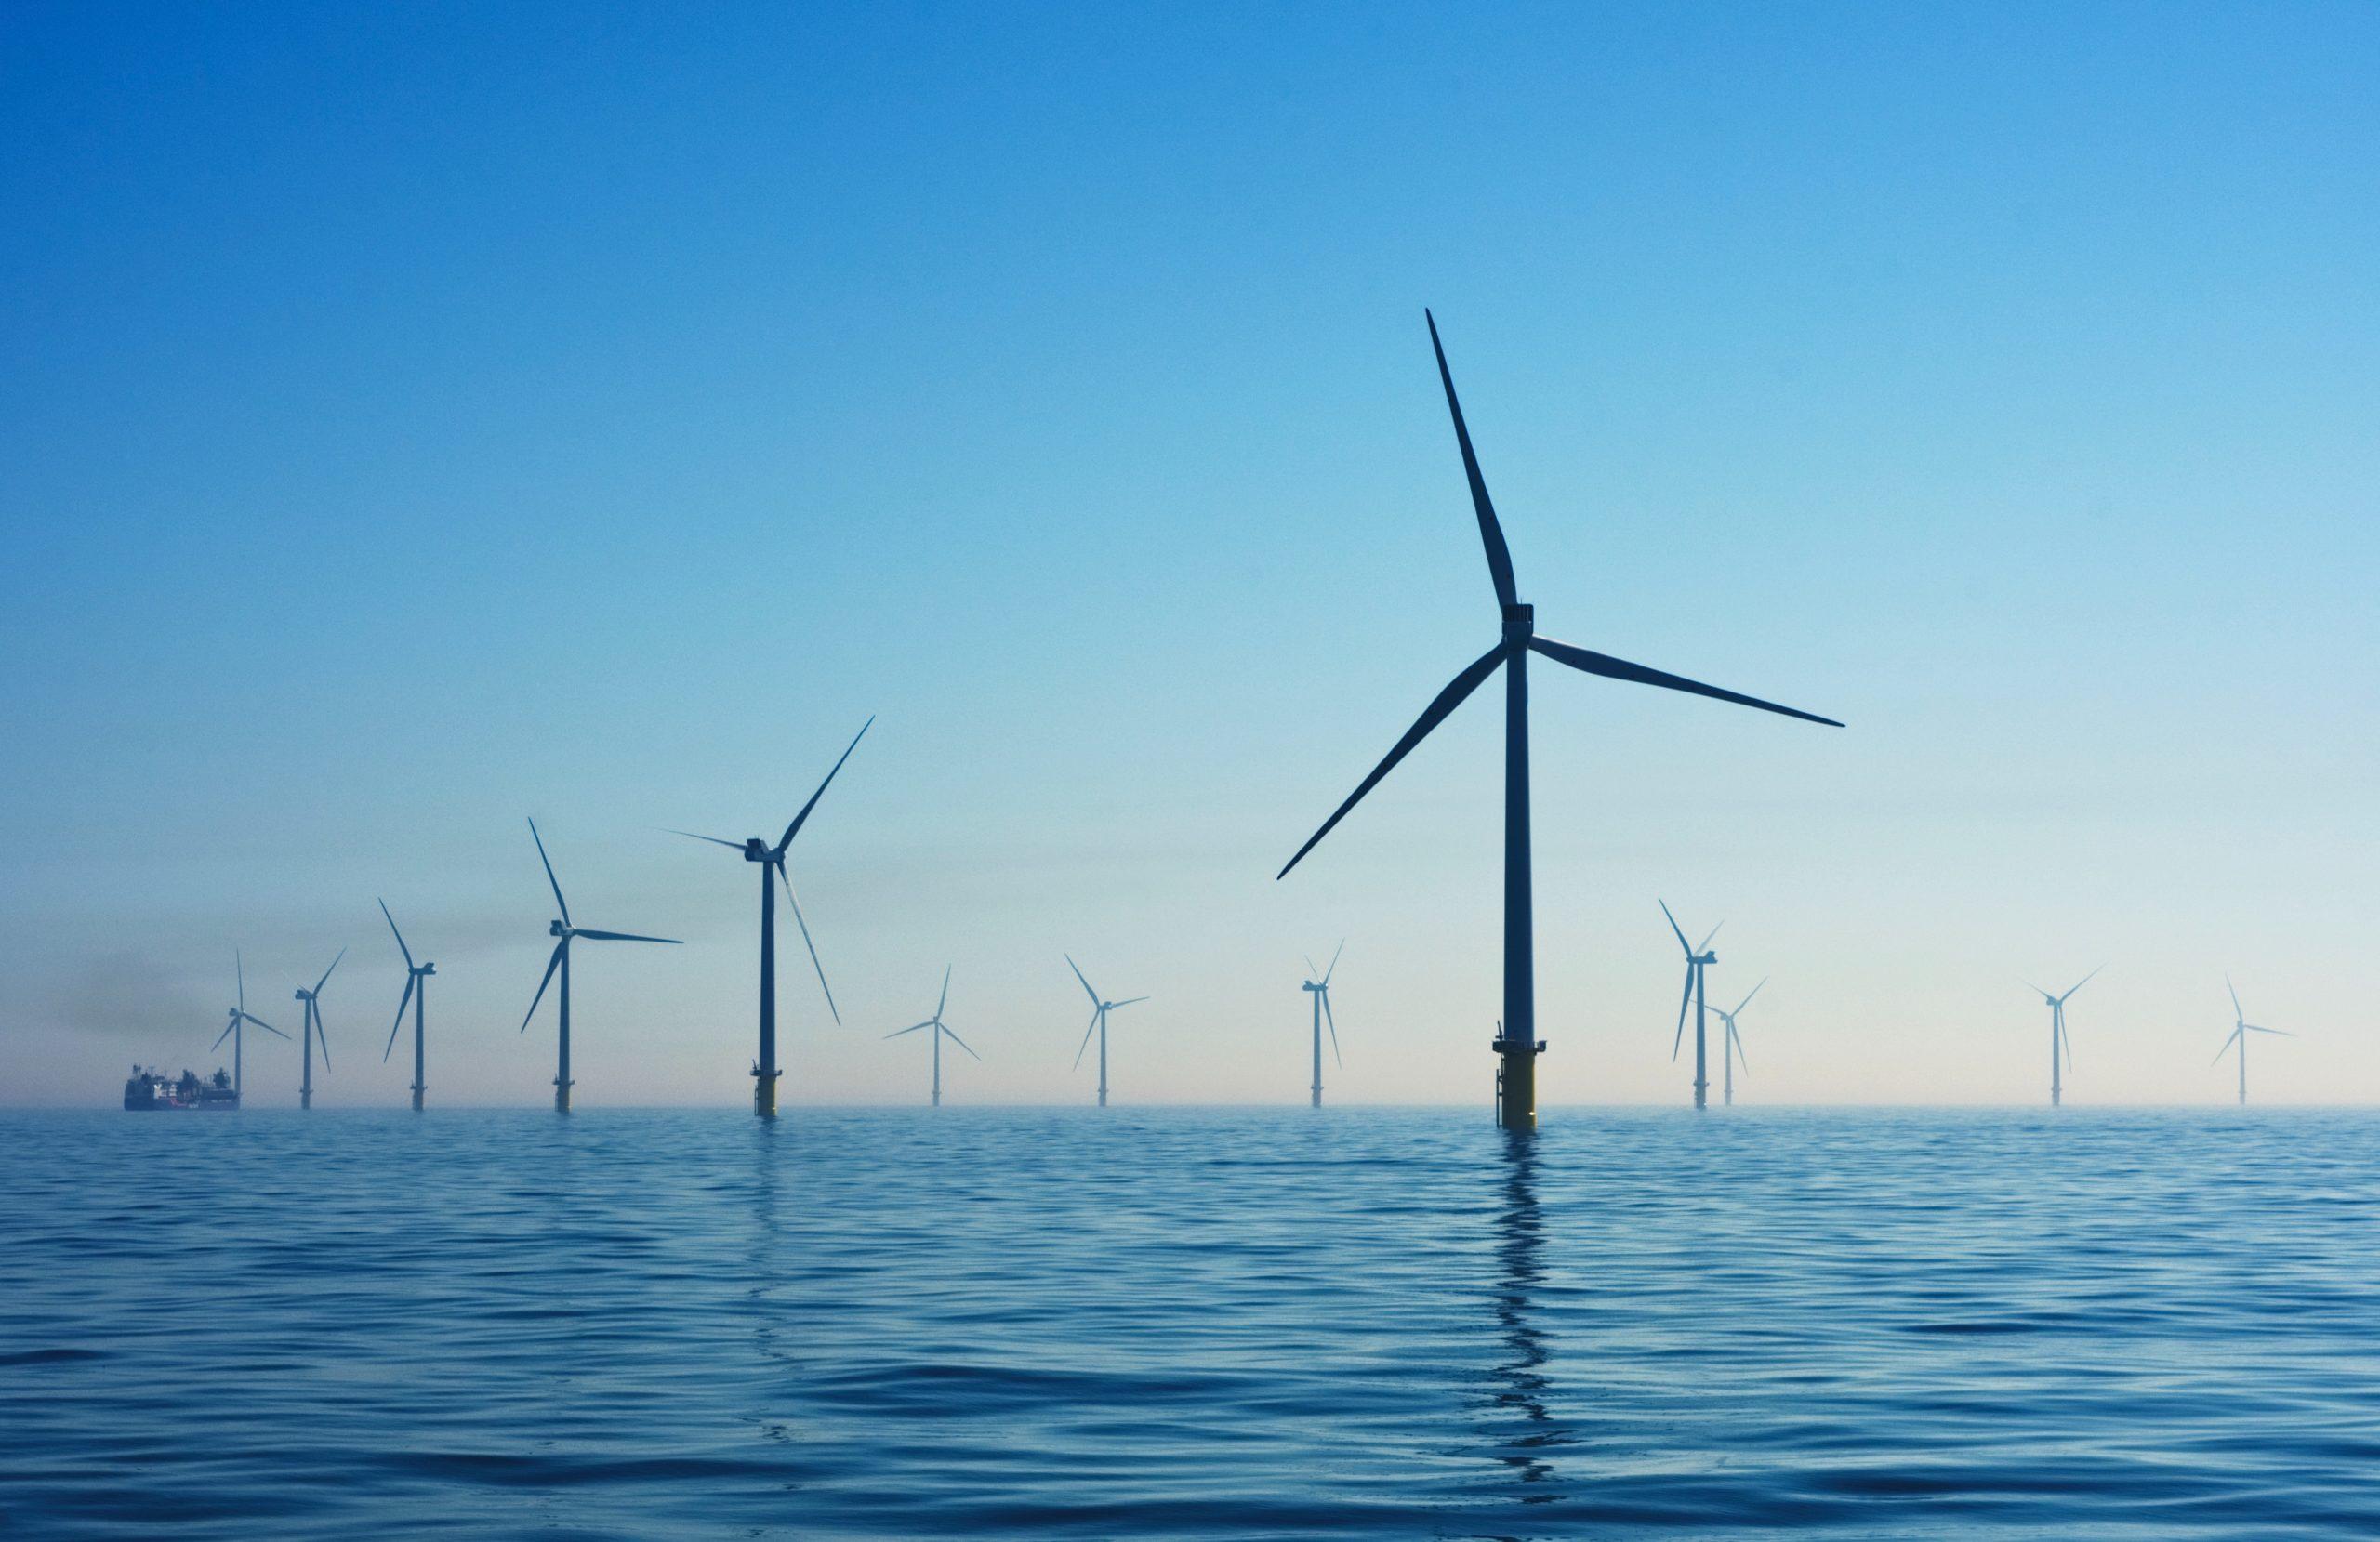 Vėjo jėgainių parkas prie Didžiosios Britanijos krantų. Nicholas Doherty nuotr. iš Unsplash.com